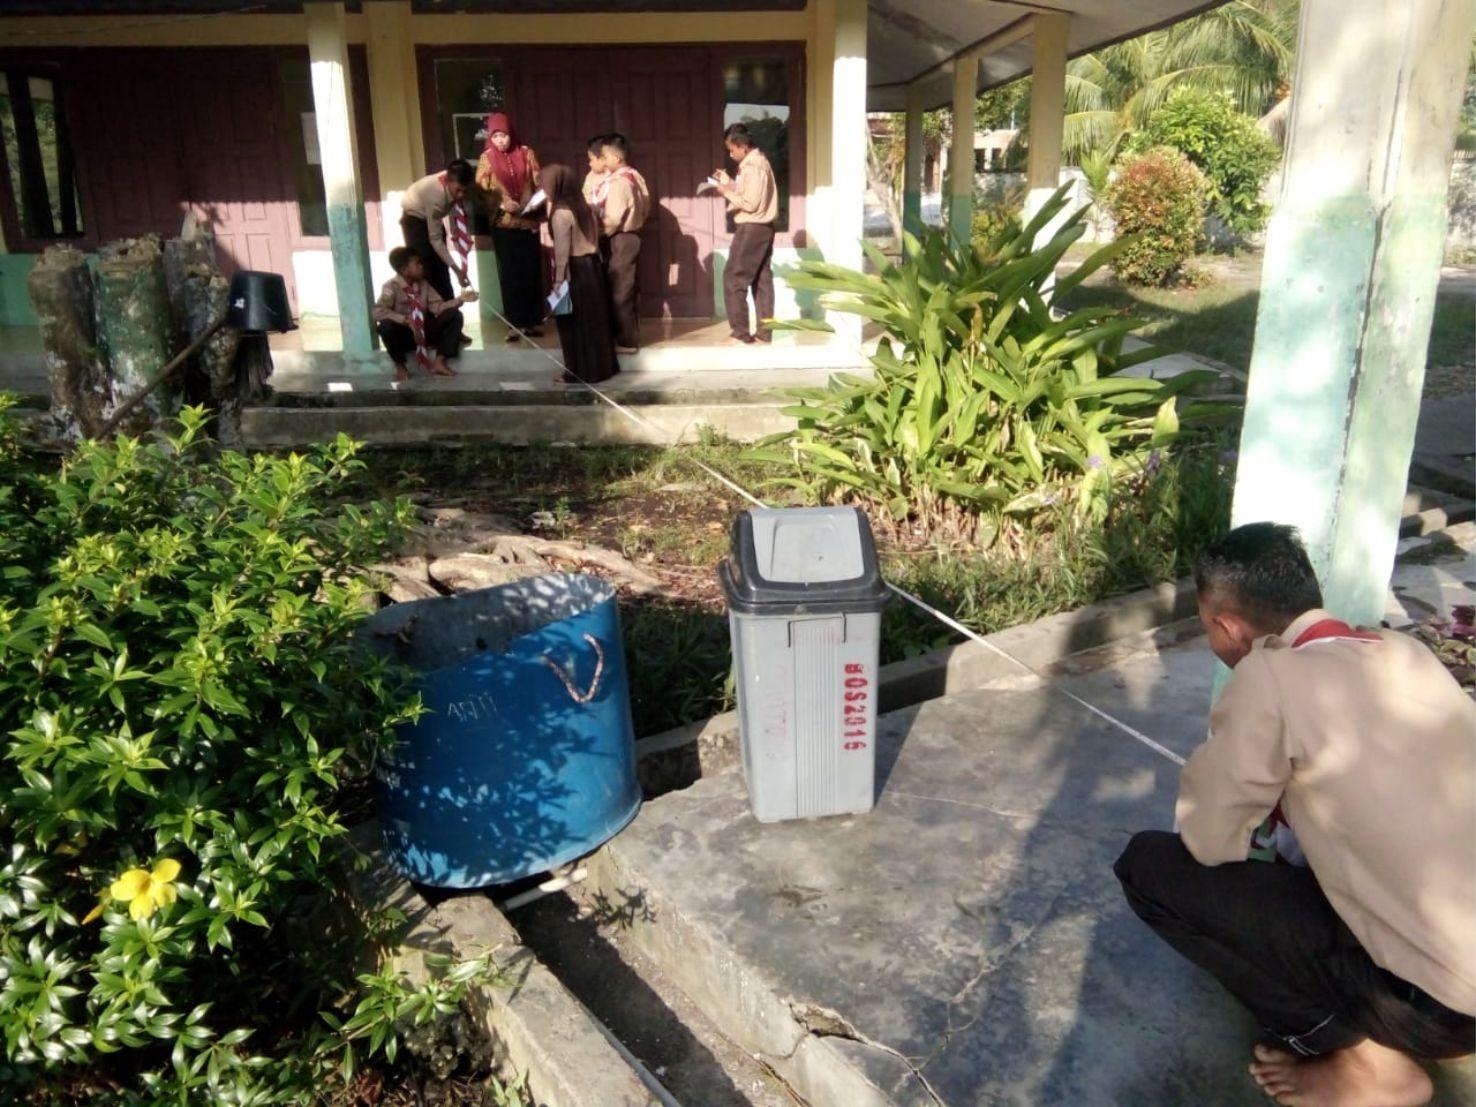 Siswa SMPN 4 Sungai Apit, Siak sedang bekerja sama mengukur jarak beberapa tempat yang ada di sekolah untuk bahan pembuatan denah sekolah